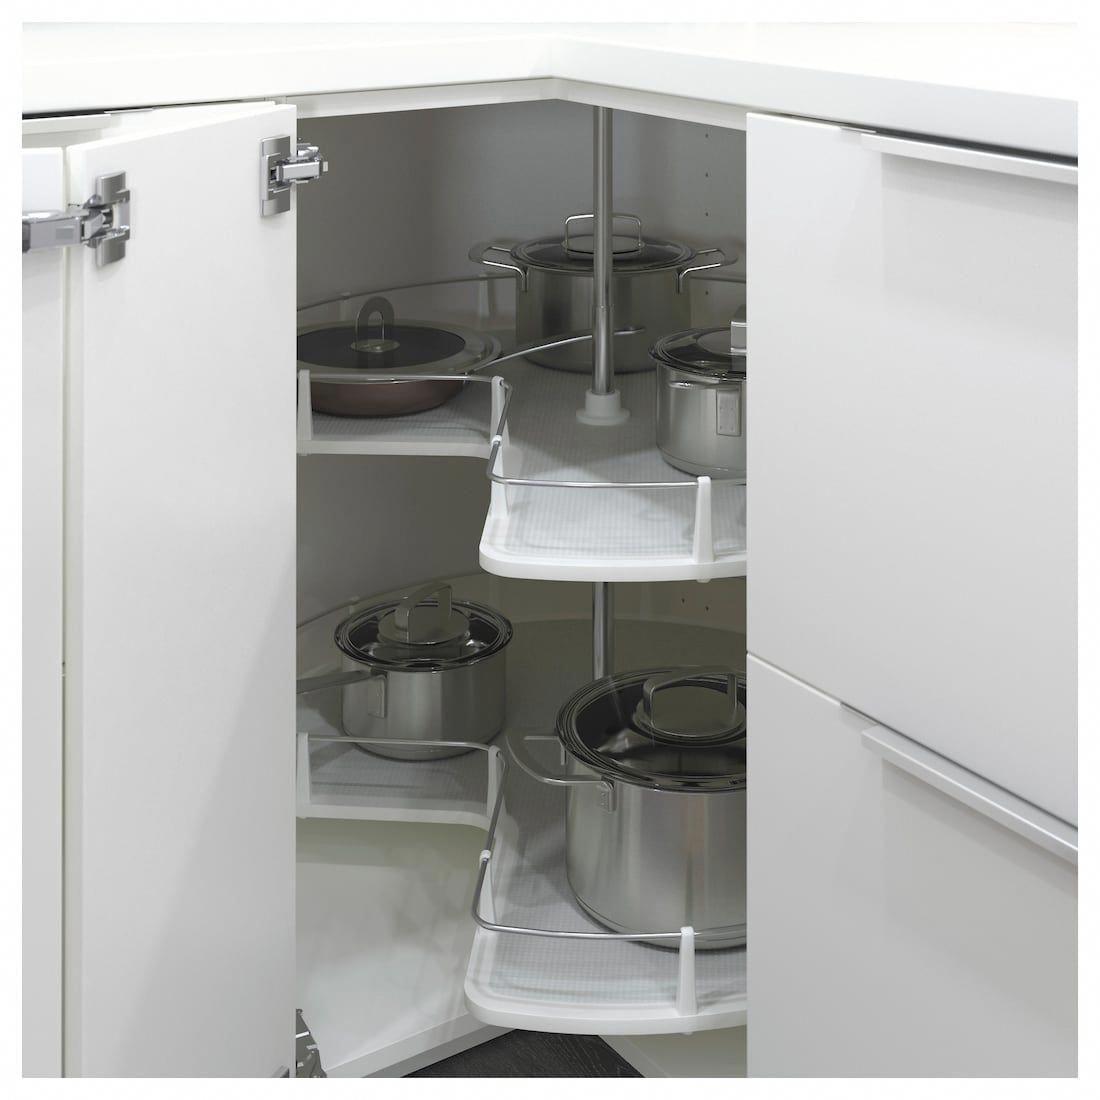 Utrusta Corner Base Cabinet Carousel Ikea Corner Base Cabinet Base Cabinets Ikea Kitchen Cabinets